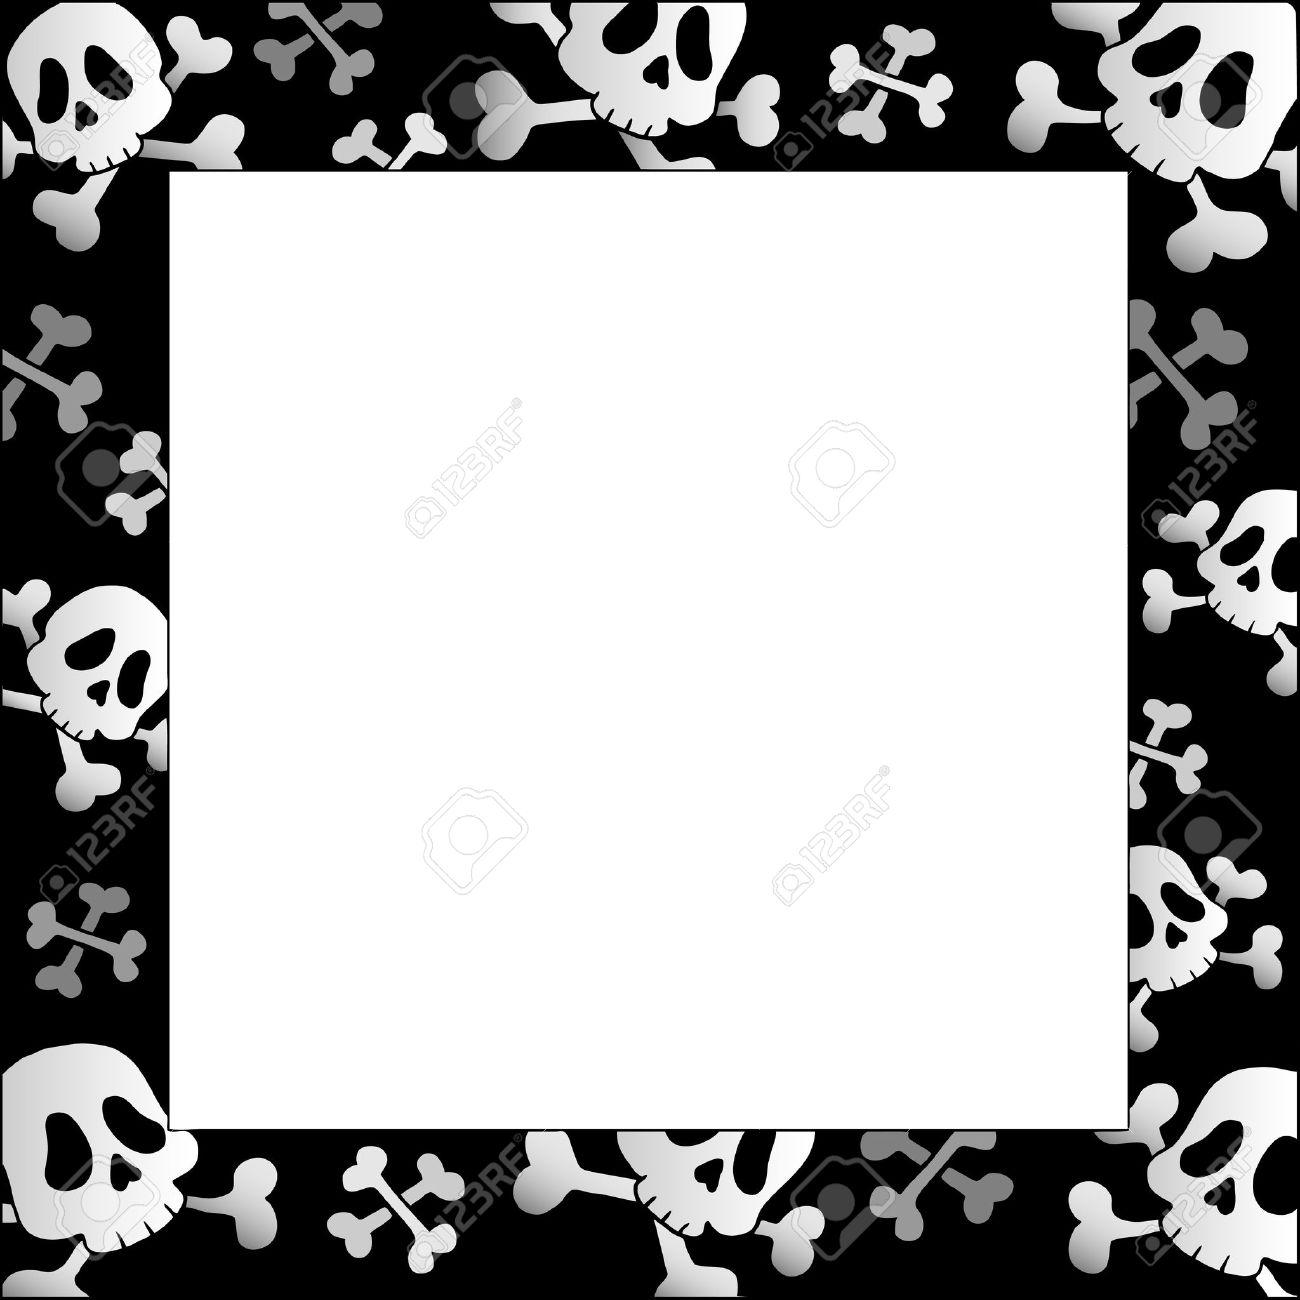 Wunderbar Bilderrahmen Piraten Ideen - Benutzerdefinierte ...